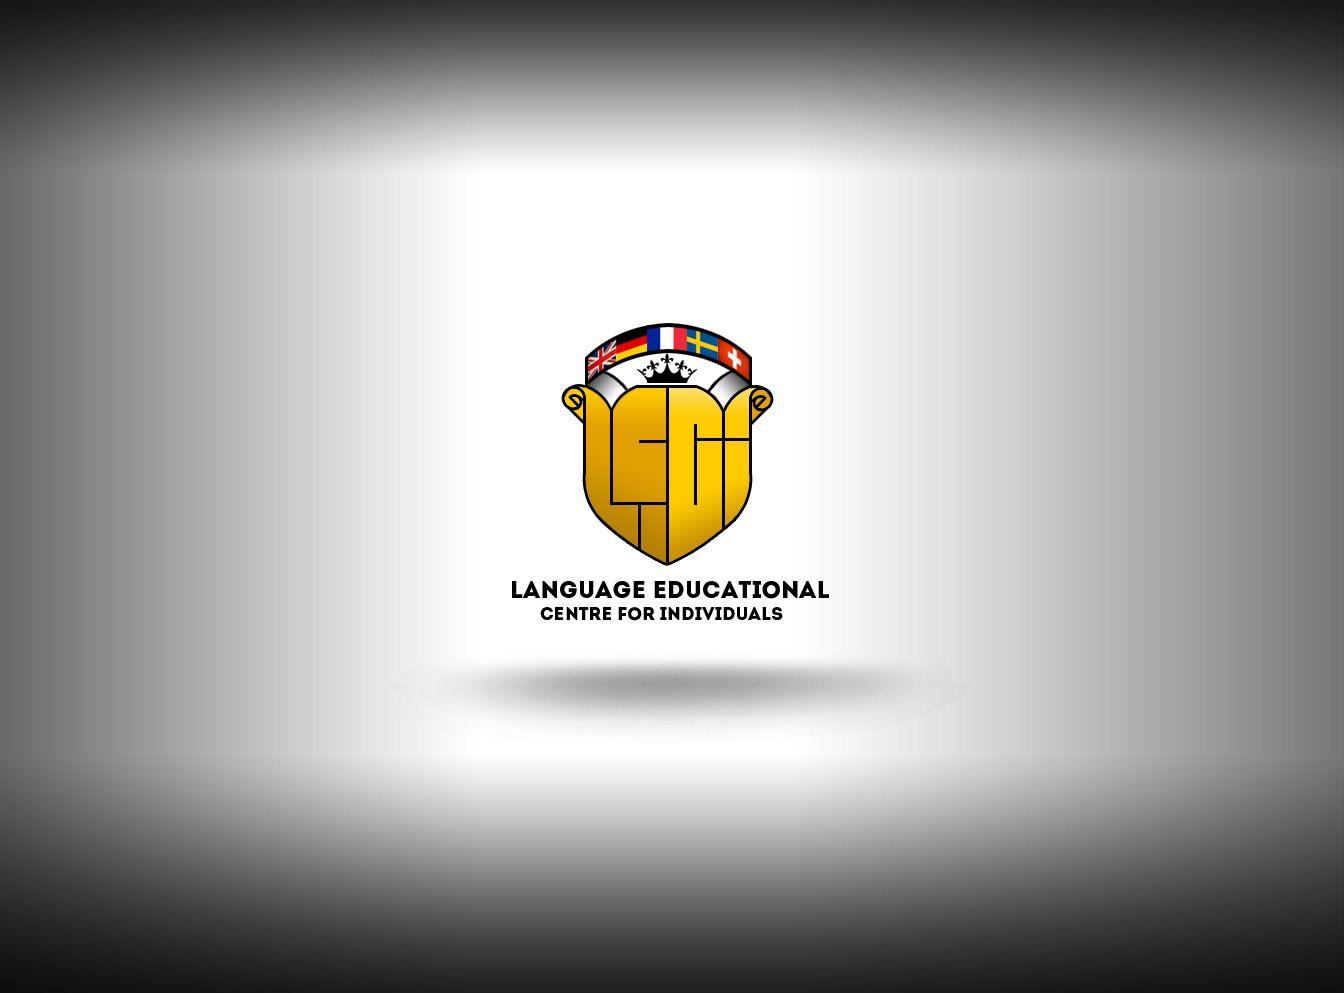 Лого для образовательного учреждения LECI  - дизайнер webgrafika